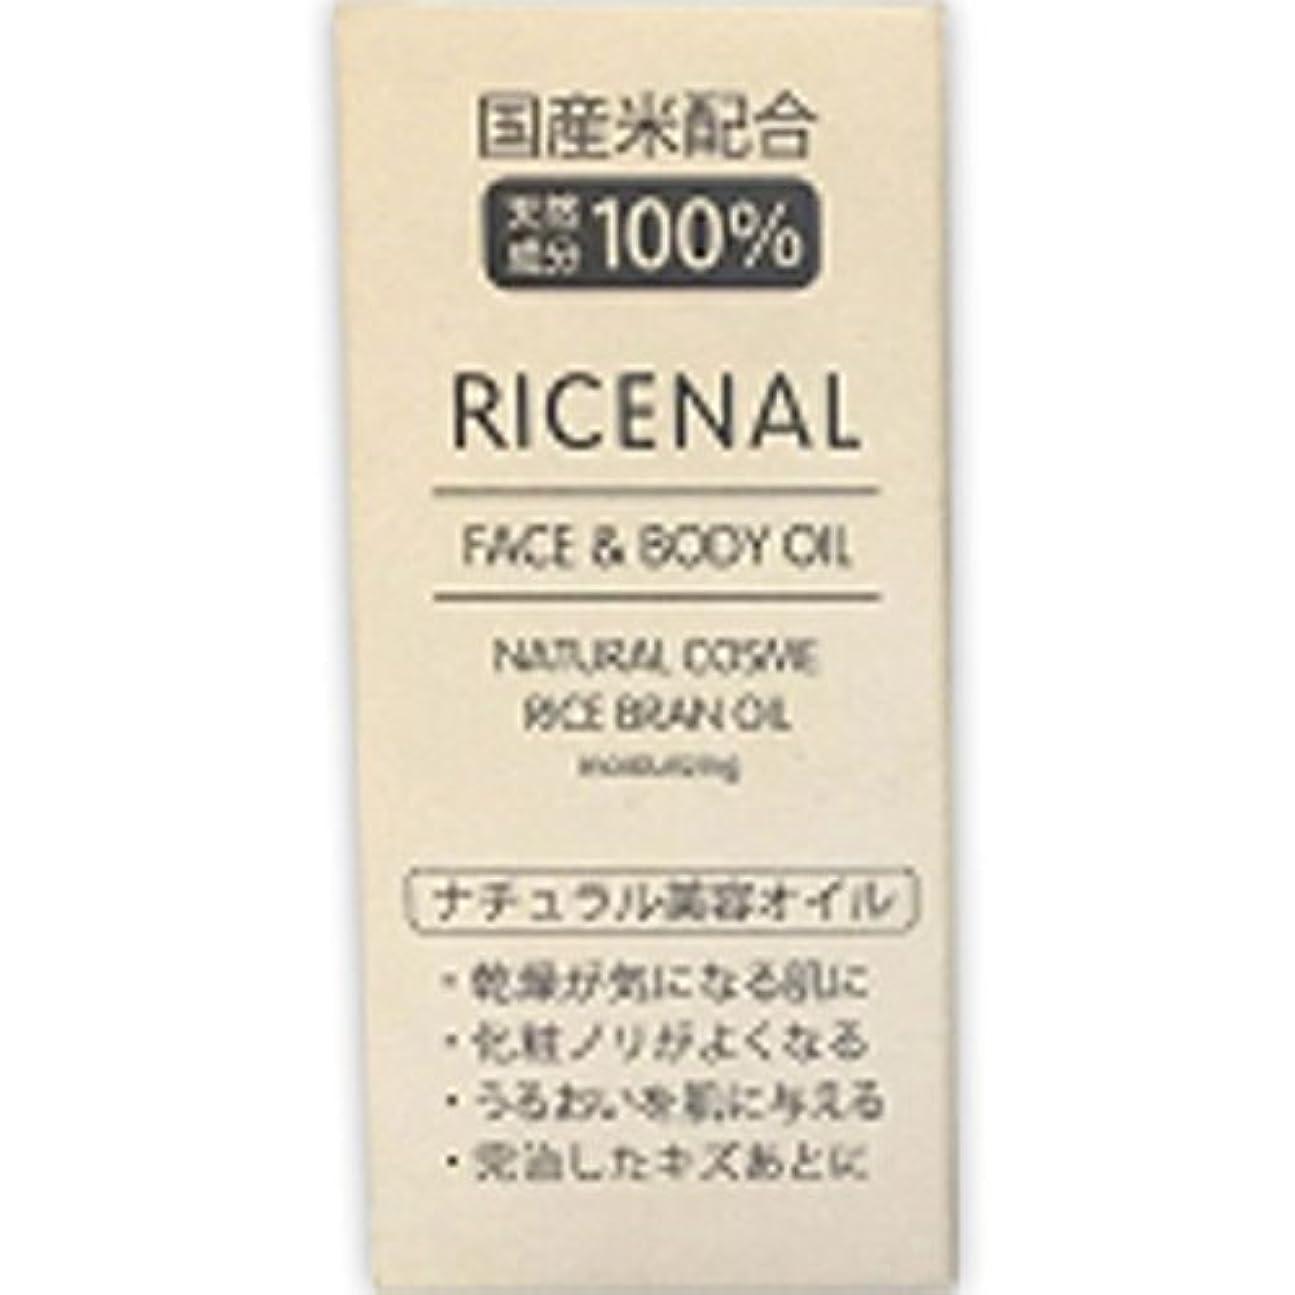 気分が良いチャレンジ薬を飲むリセナル 美容オイル ミニサイズ (無香料) 20mL